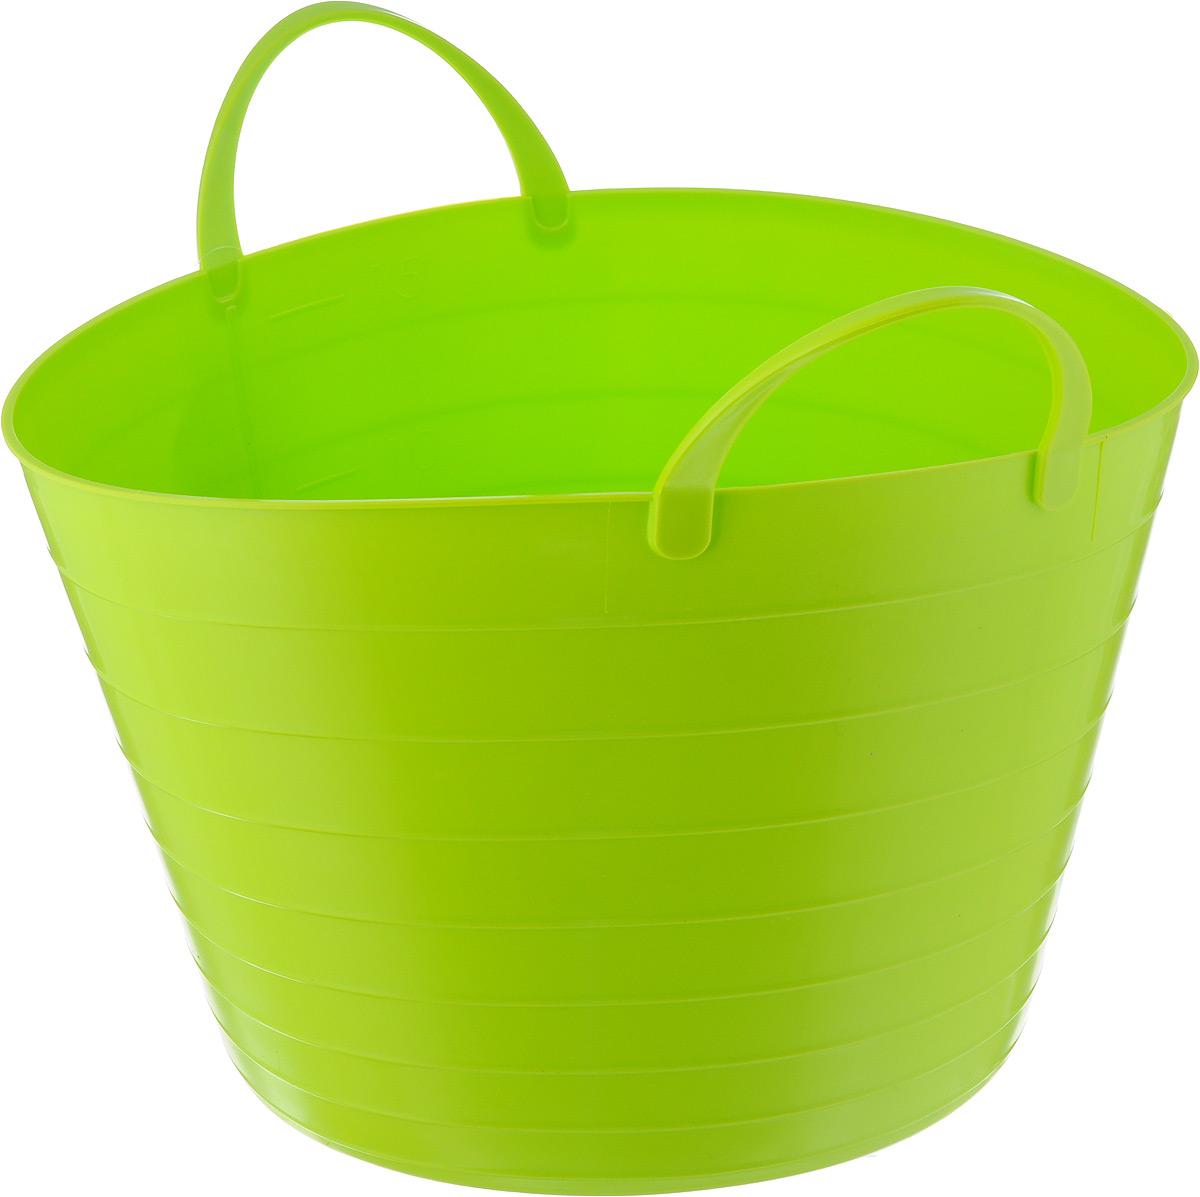 Корзина мягкая Idea, цвет: ярко-зеленый, 17 лБрелок для ключейМягкая корзина Idea изготовлена из гибкого полиэтилена и оснащена двумя удобными ручками. Внутренняя поверхность имеет отметки литража. Такой корзинке можно найти множество применений в быту: для строительства, для сбора фруктов, овощей и грибов, для хранения бытовых предметов и многого другого. Такая корзина пригодится в любом хозяйстве.Размер (без учета ручек): 33,5 х 33,5 х 24 см.